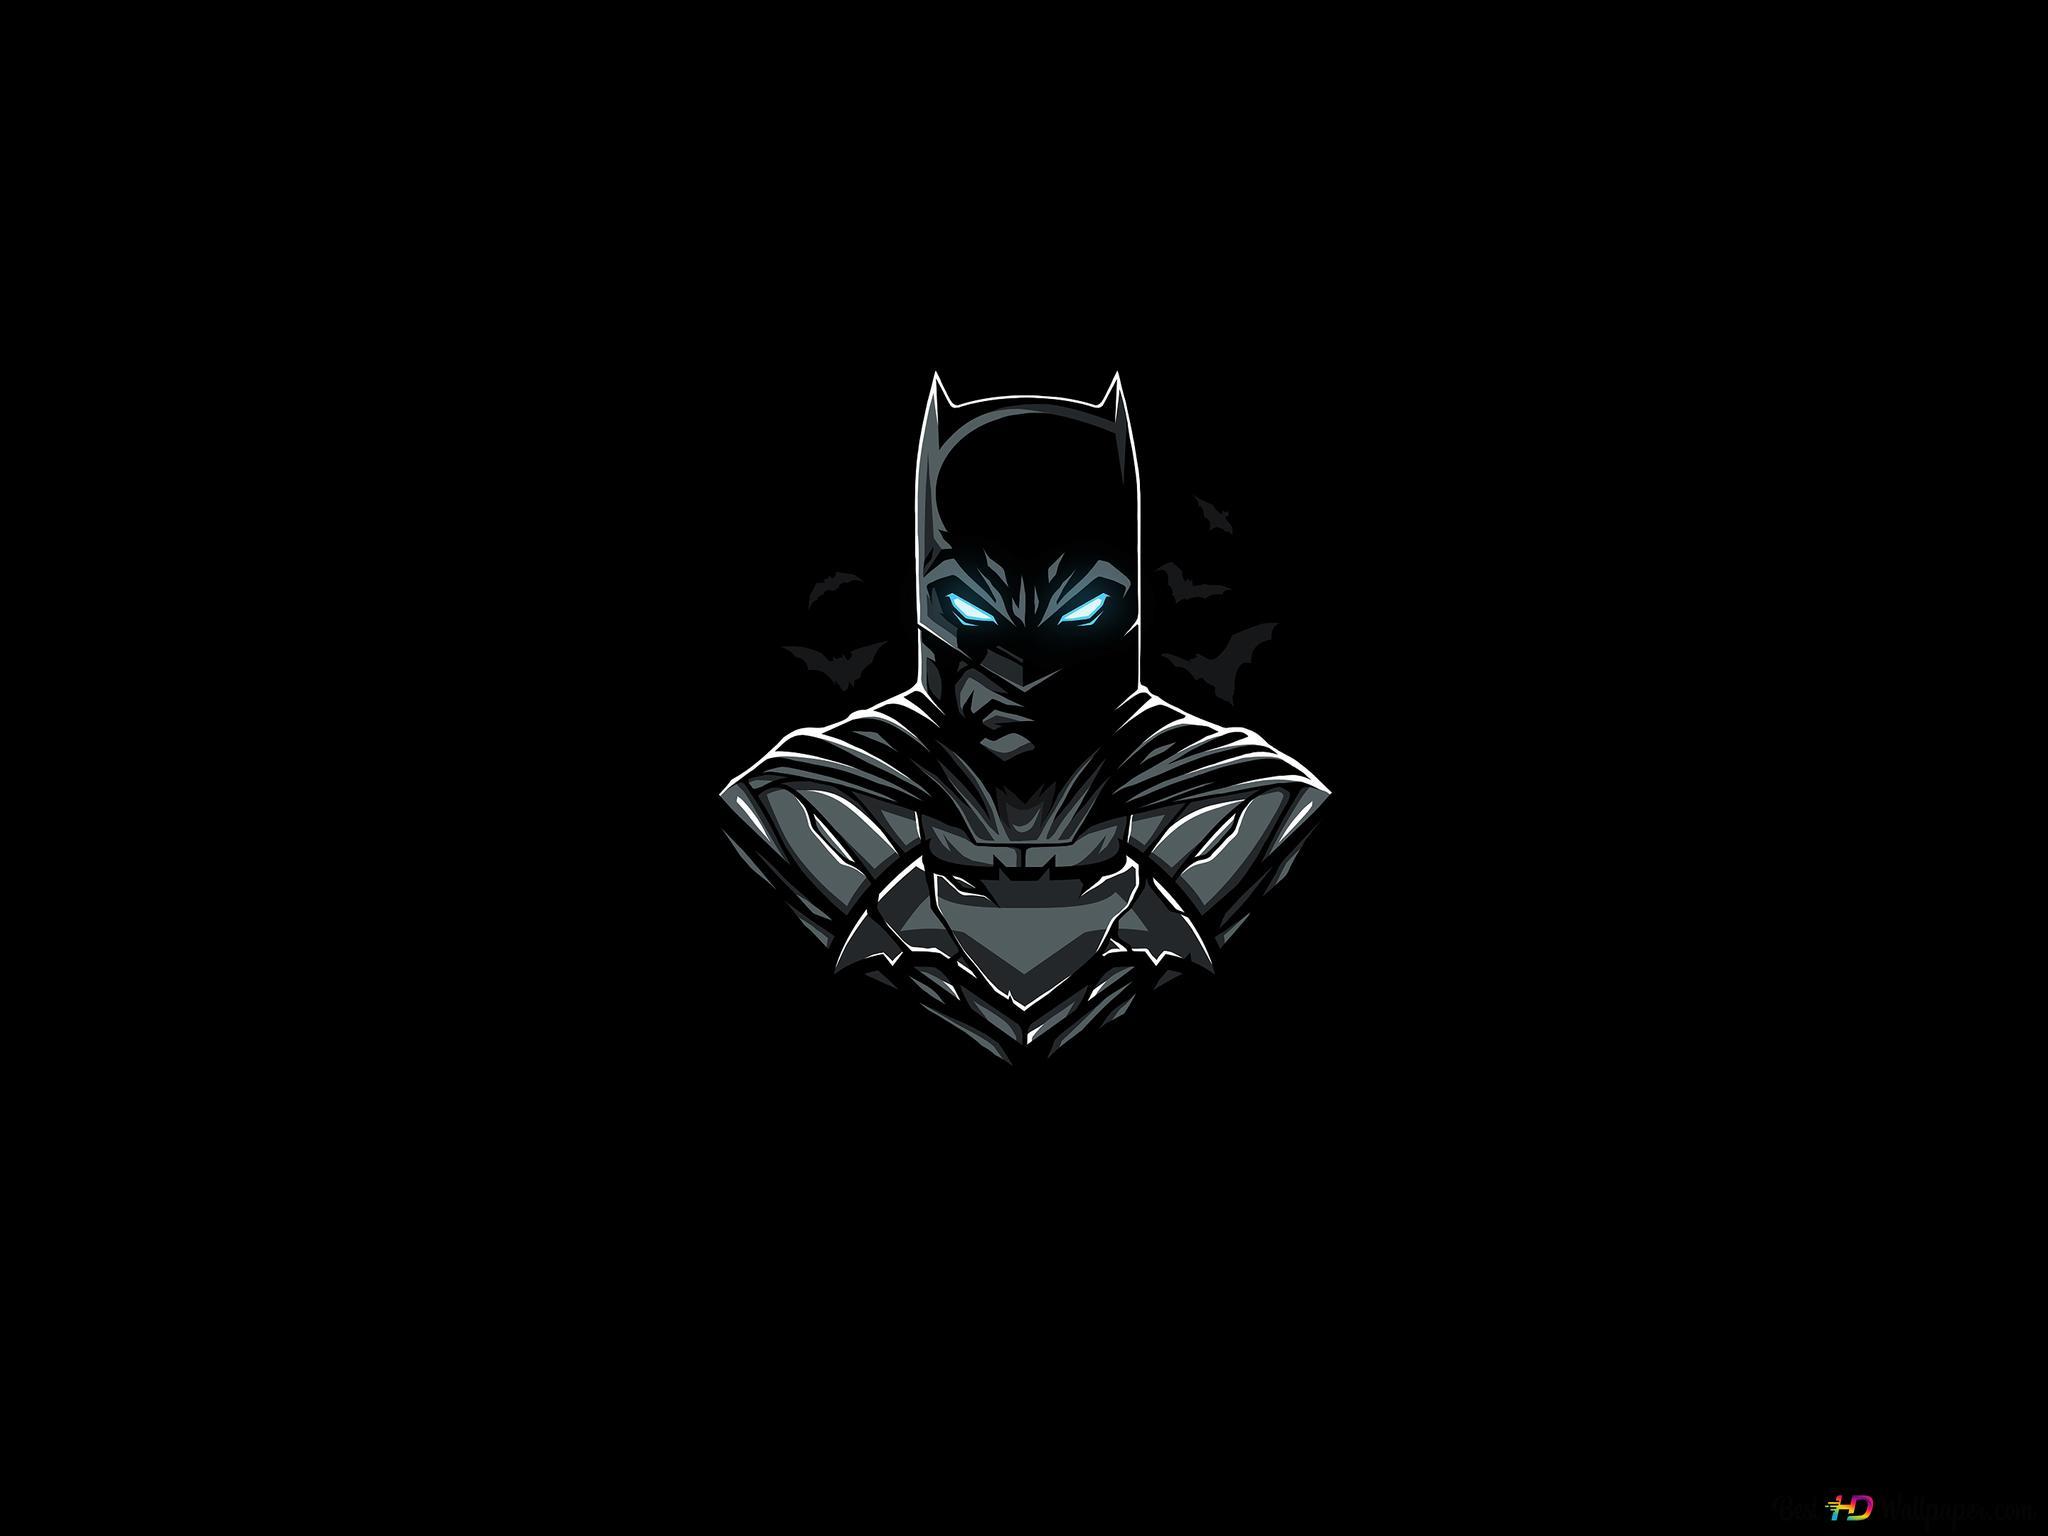 バットマンミニマル Hd壁紙のダウンロード